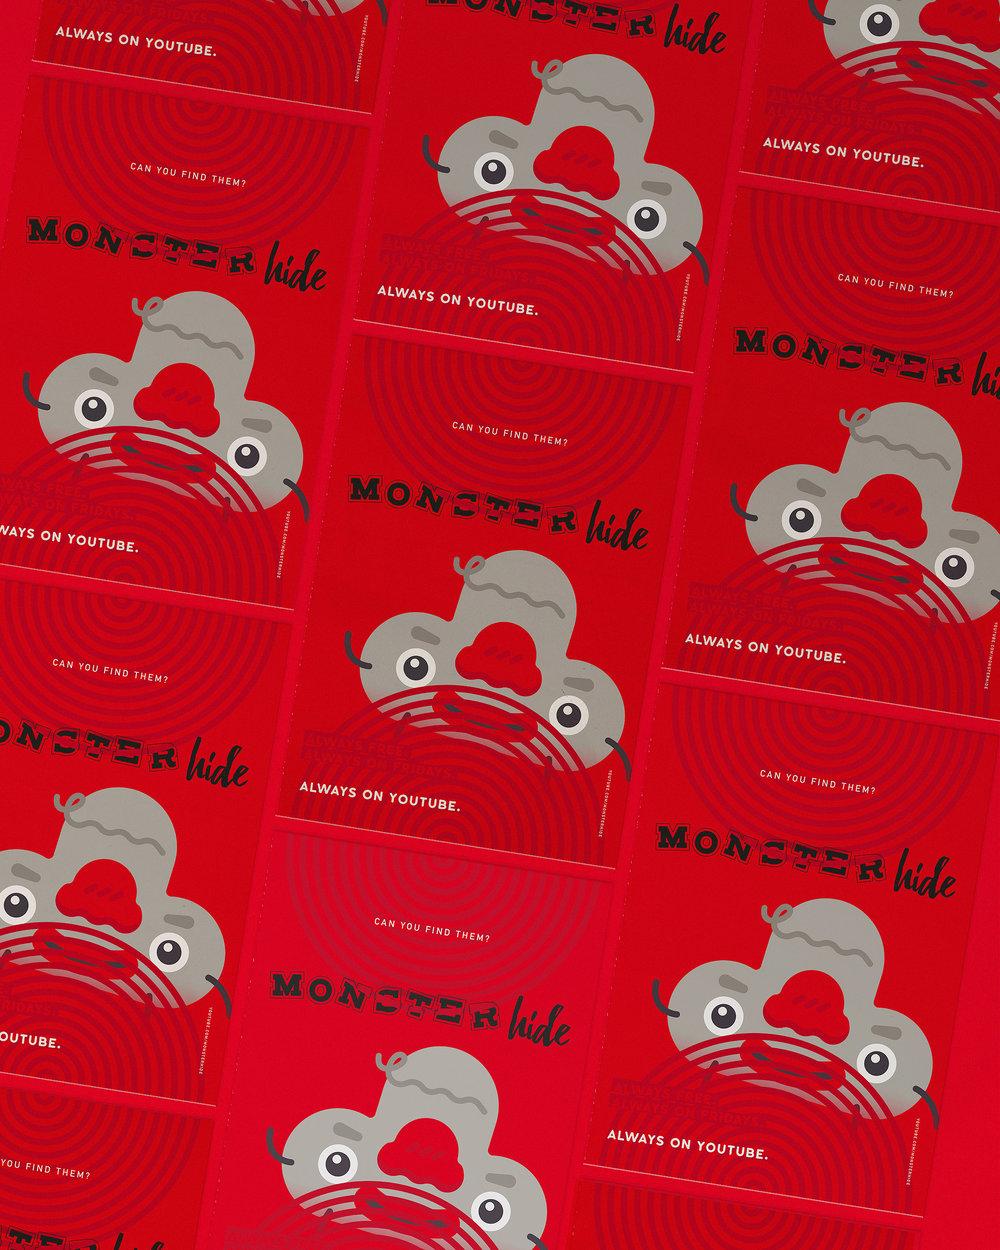 monsterhide professor cards